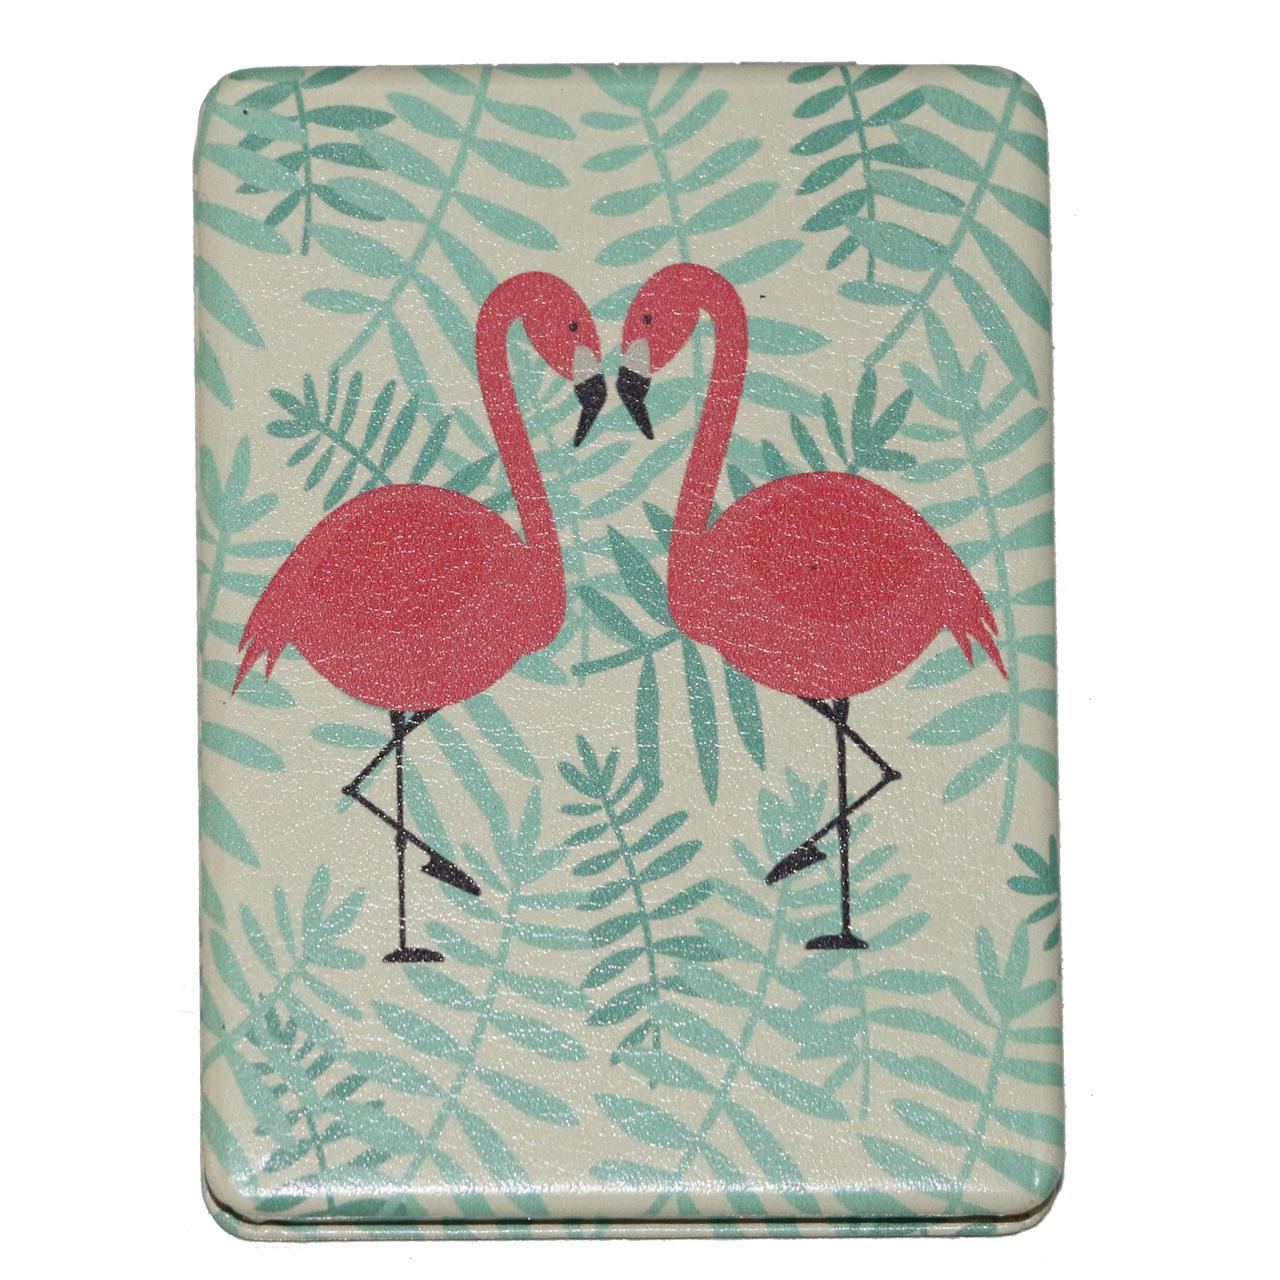 قیمت آینه جیبی طرح پرنده کد 004